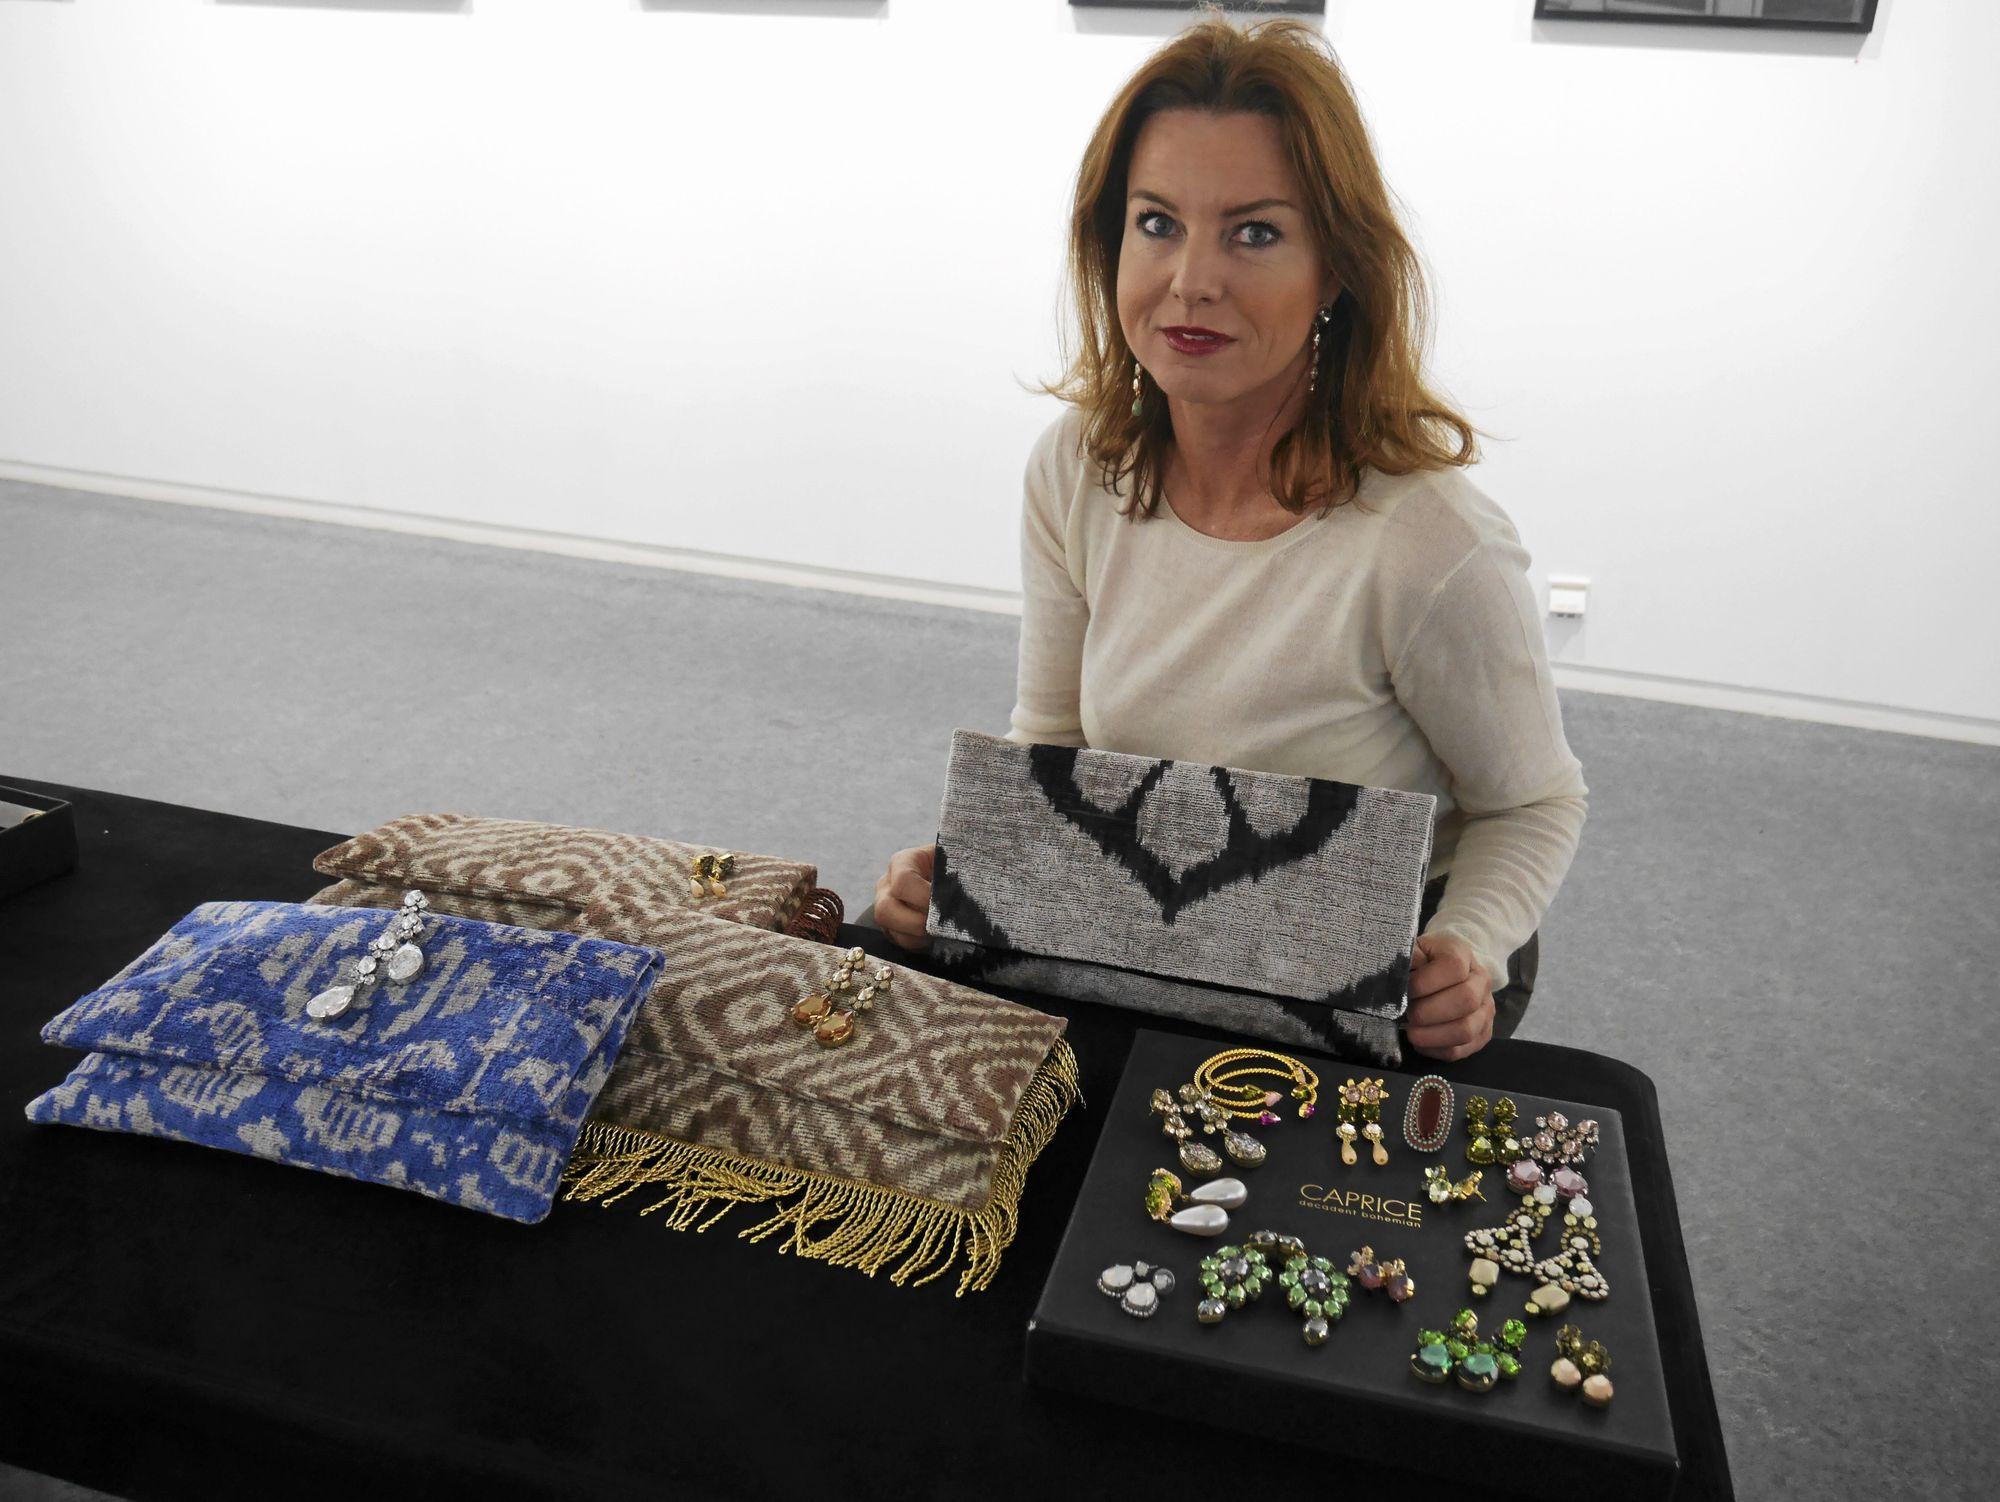 MYE FINT: Smykkekunstner Gunilla Sterud fra Oslo gleder seg til utstilling.